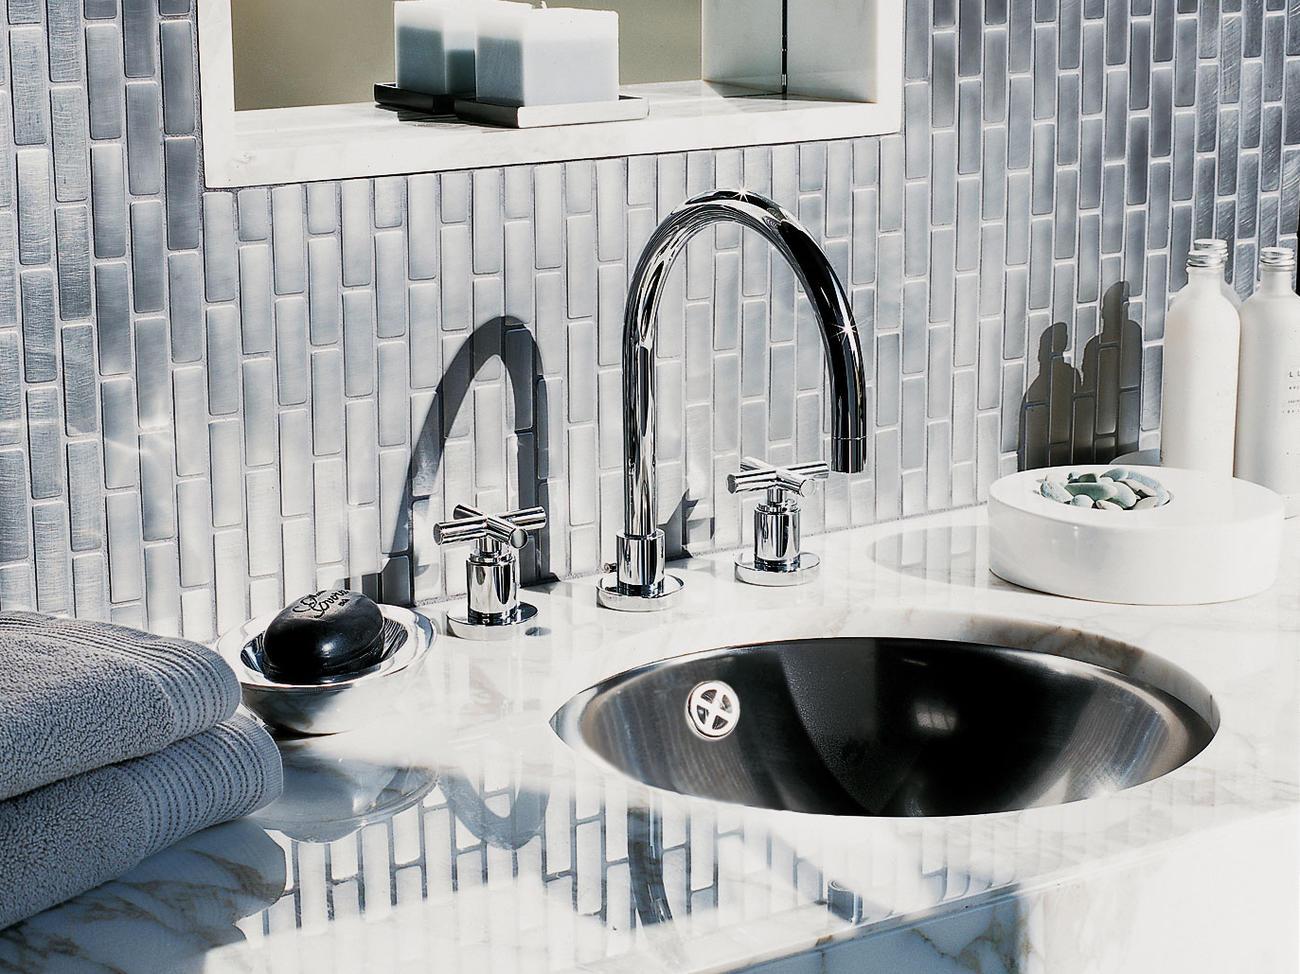 Tiled Backsplash For Your Bathroom Counter